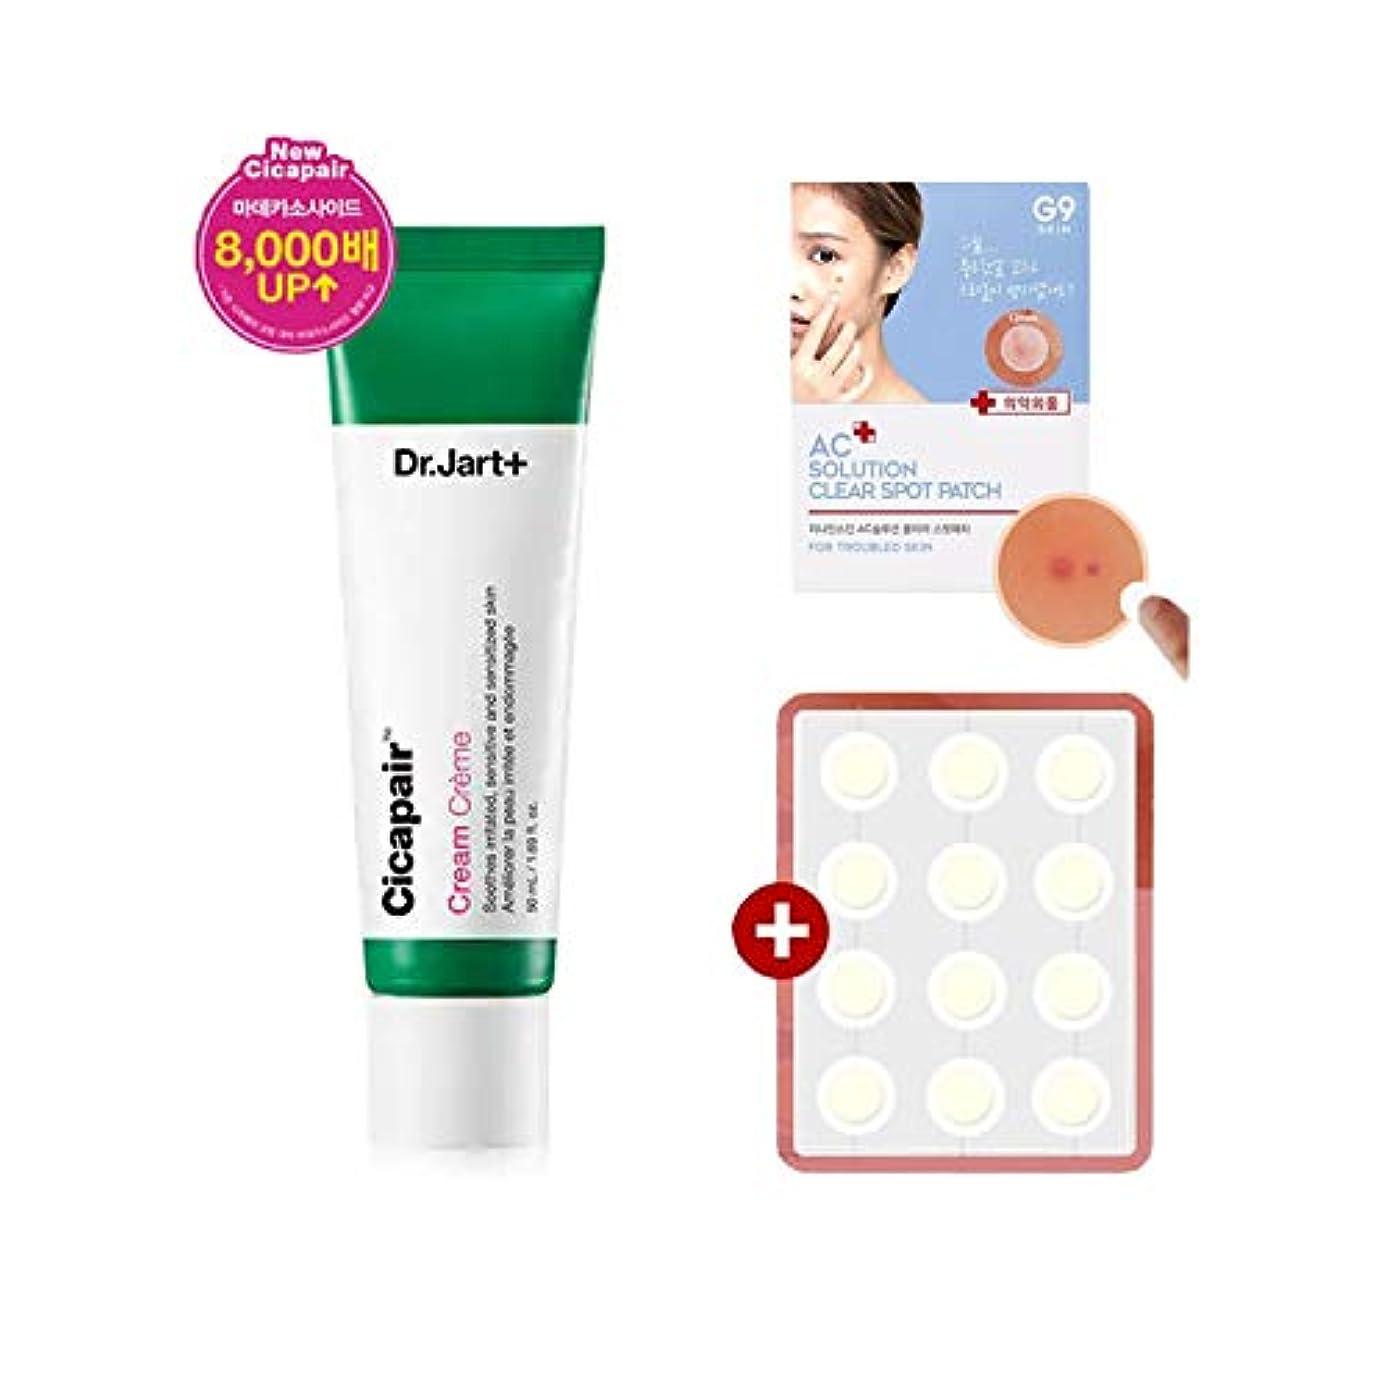 [リニューアル] Dr.Jart Cicapair Cream クリーム50ml(2代目)+ G9SKIN ACソリューションクリアパッチ 12枚 [並行輸入品]